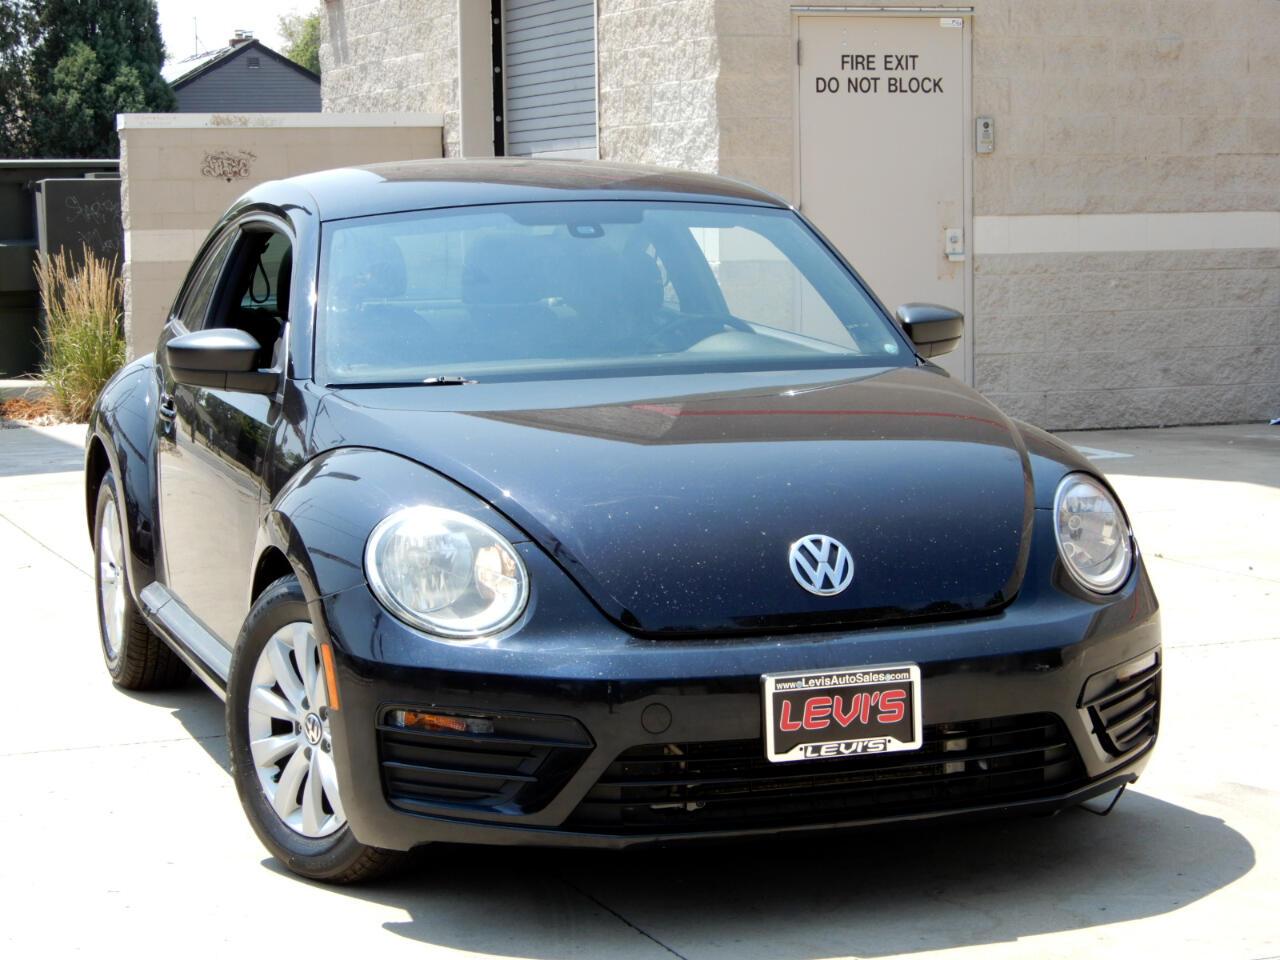 Volkswagen Beetle 1.8T Fleet Auto 2017